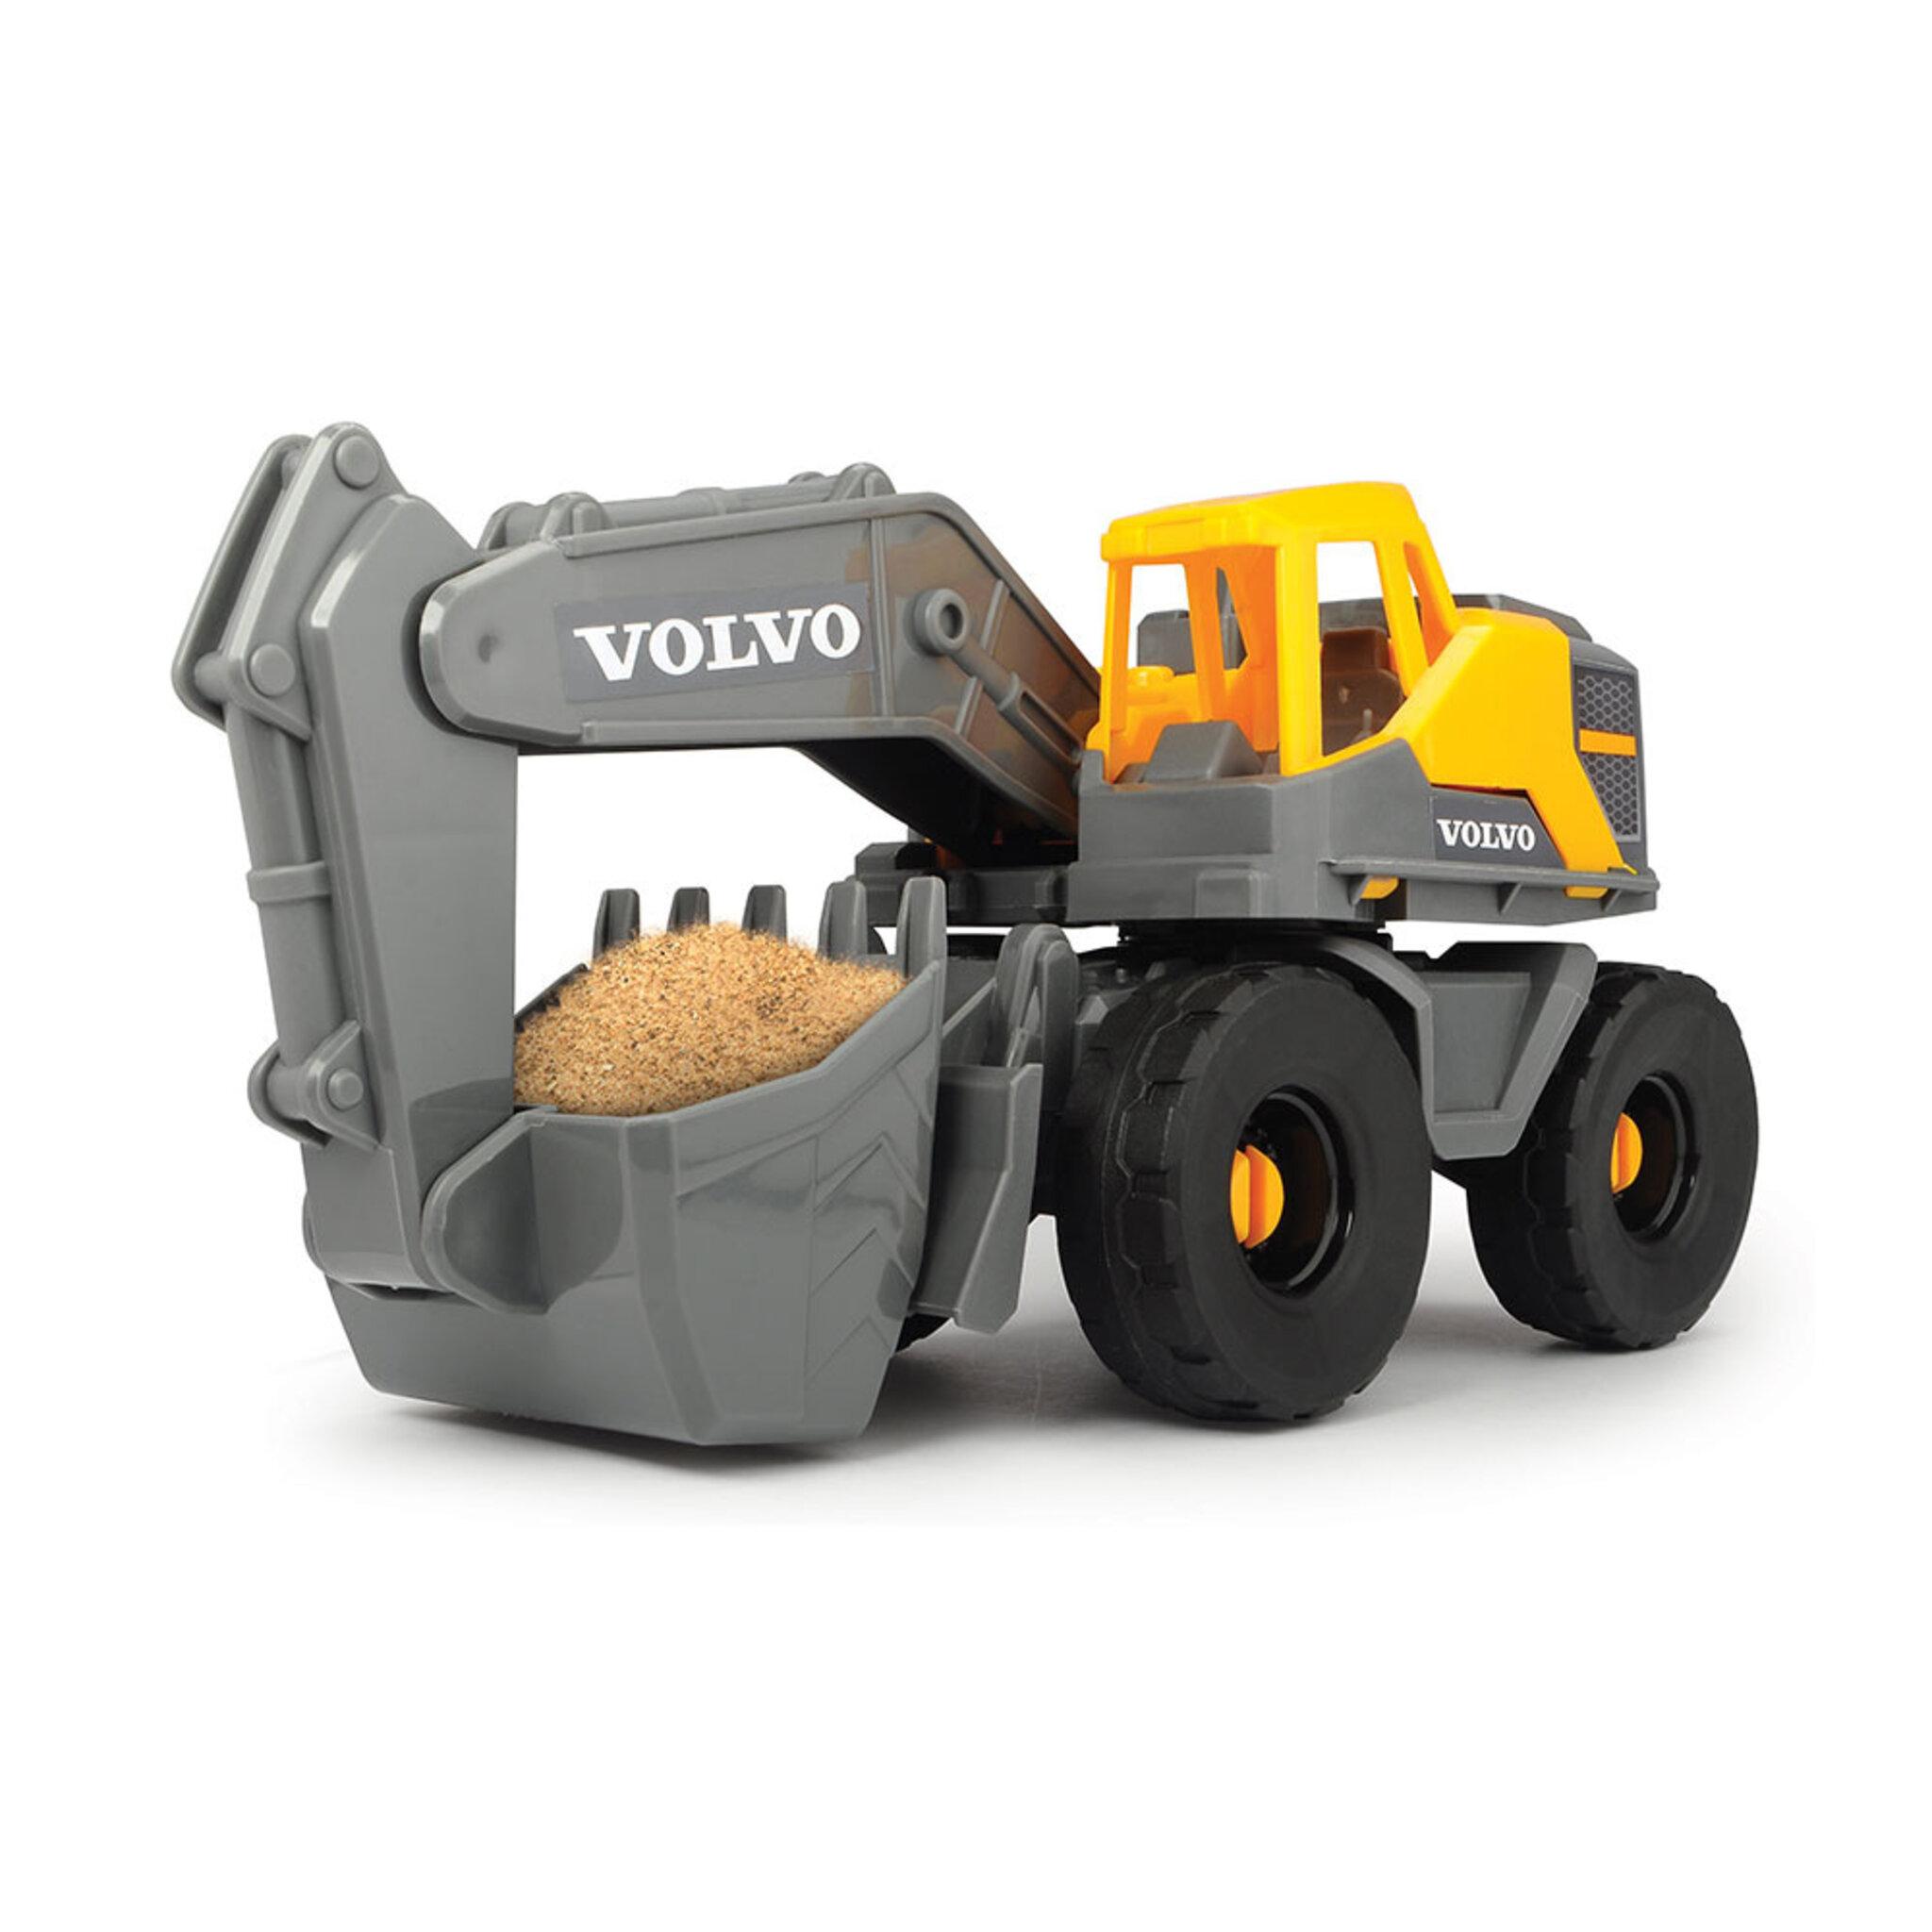 Grävmaskin i Volvomodell